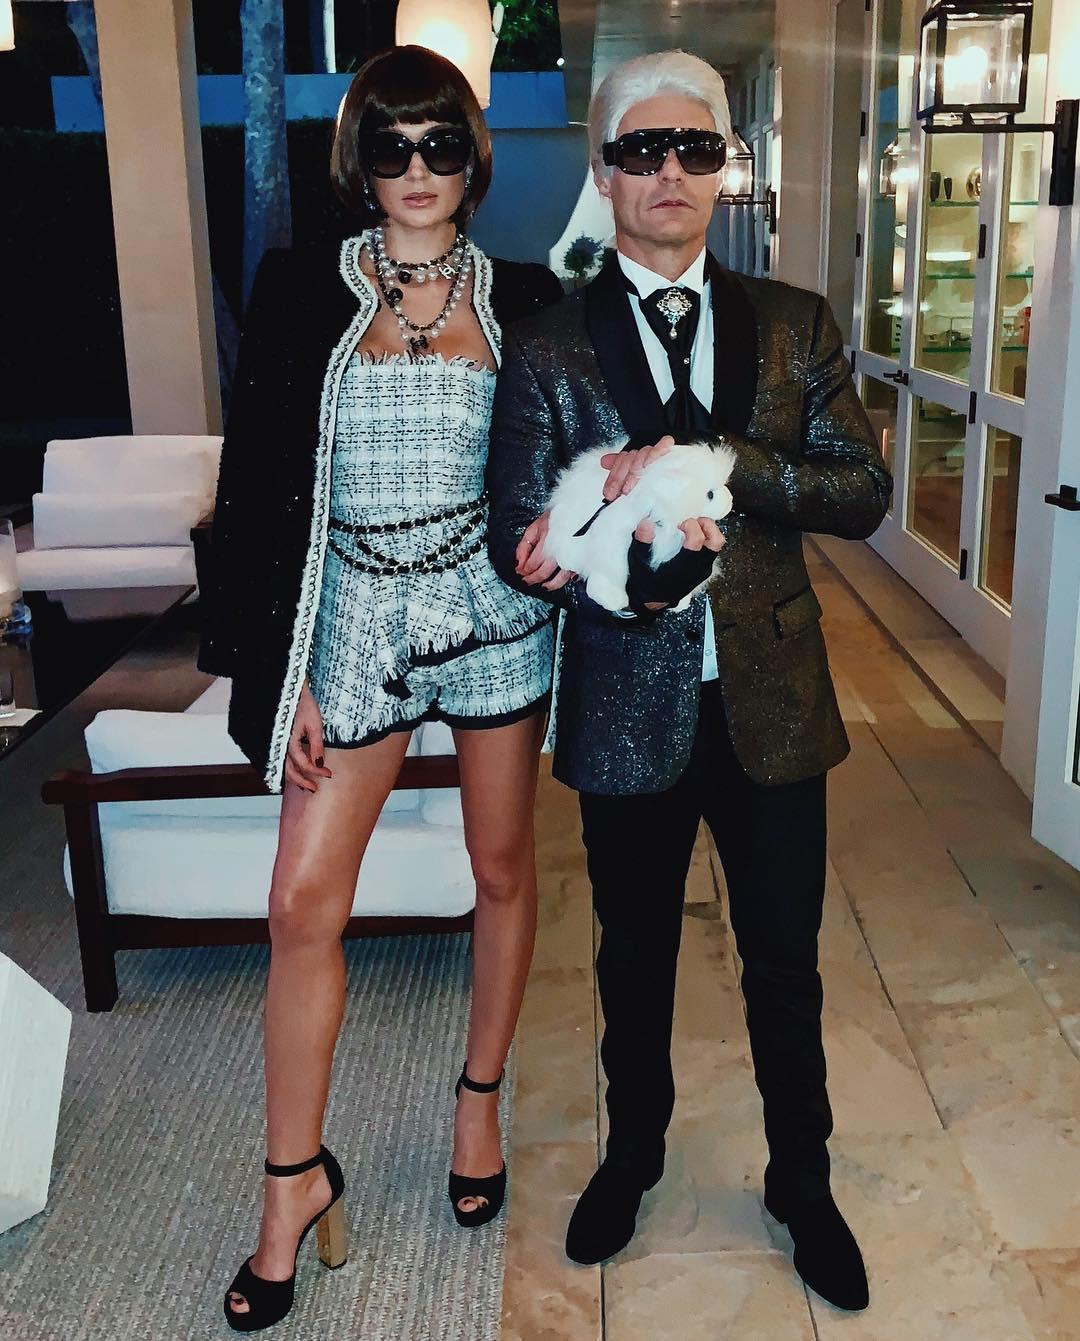 Shayna Terese Taylor + Ryan Seacrest as Anna Wintour + Karl Lagerfeld // via instagram.com/ryanseacrest